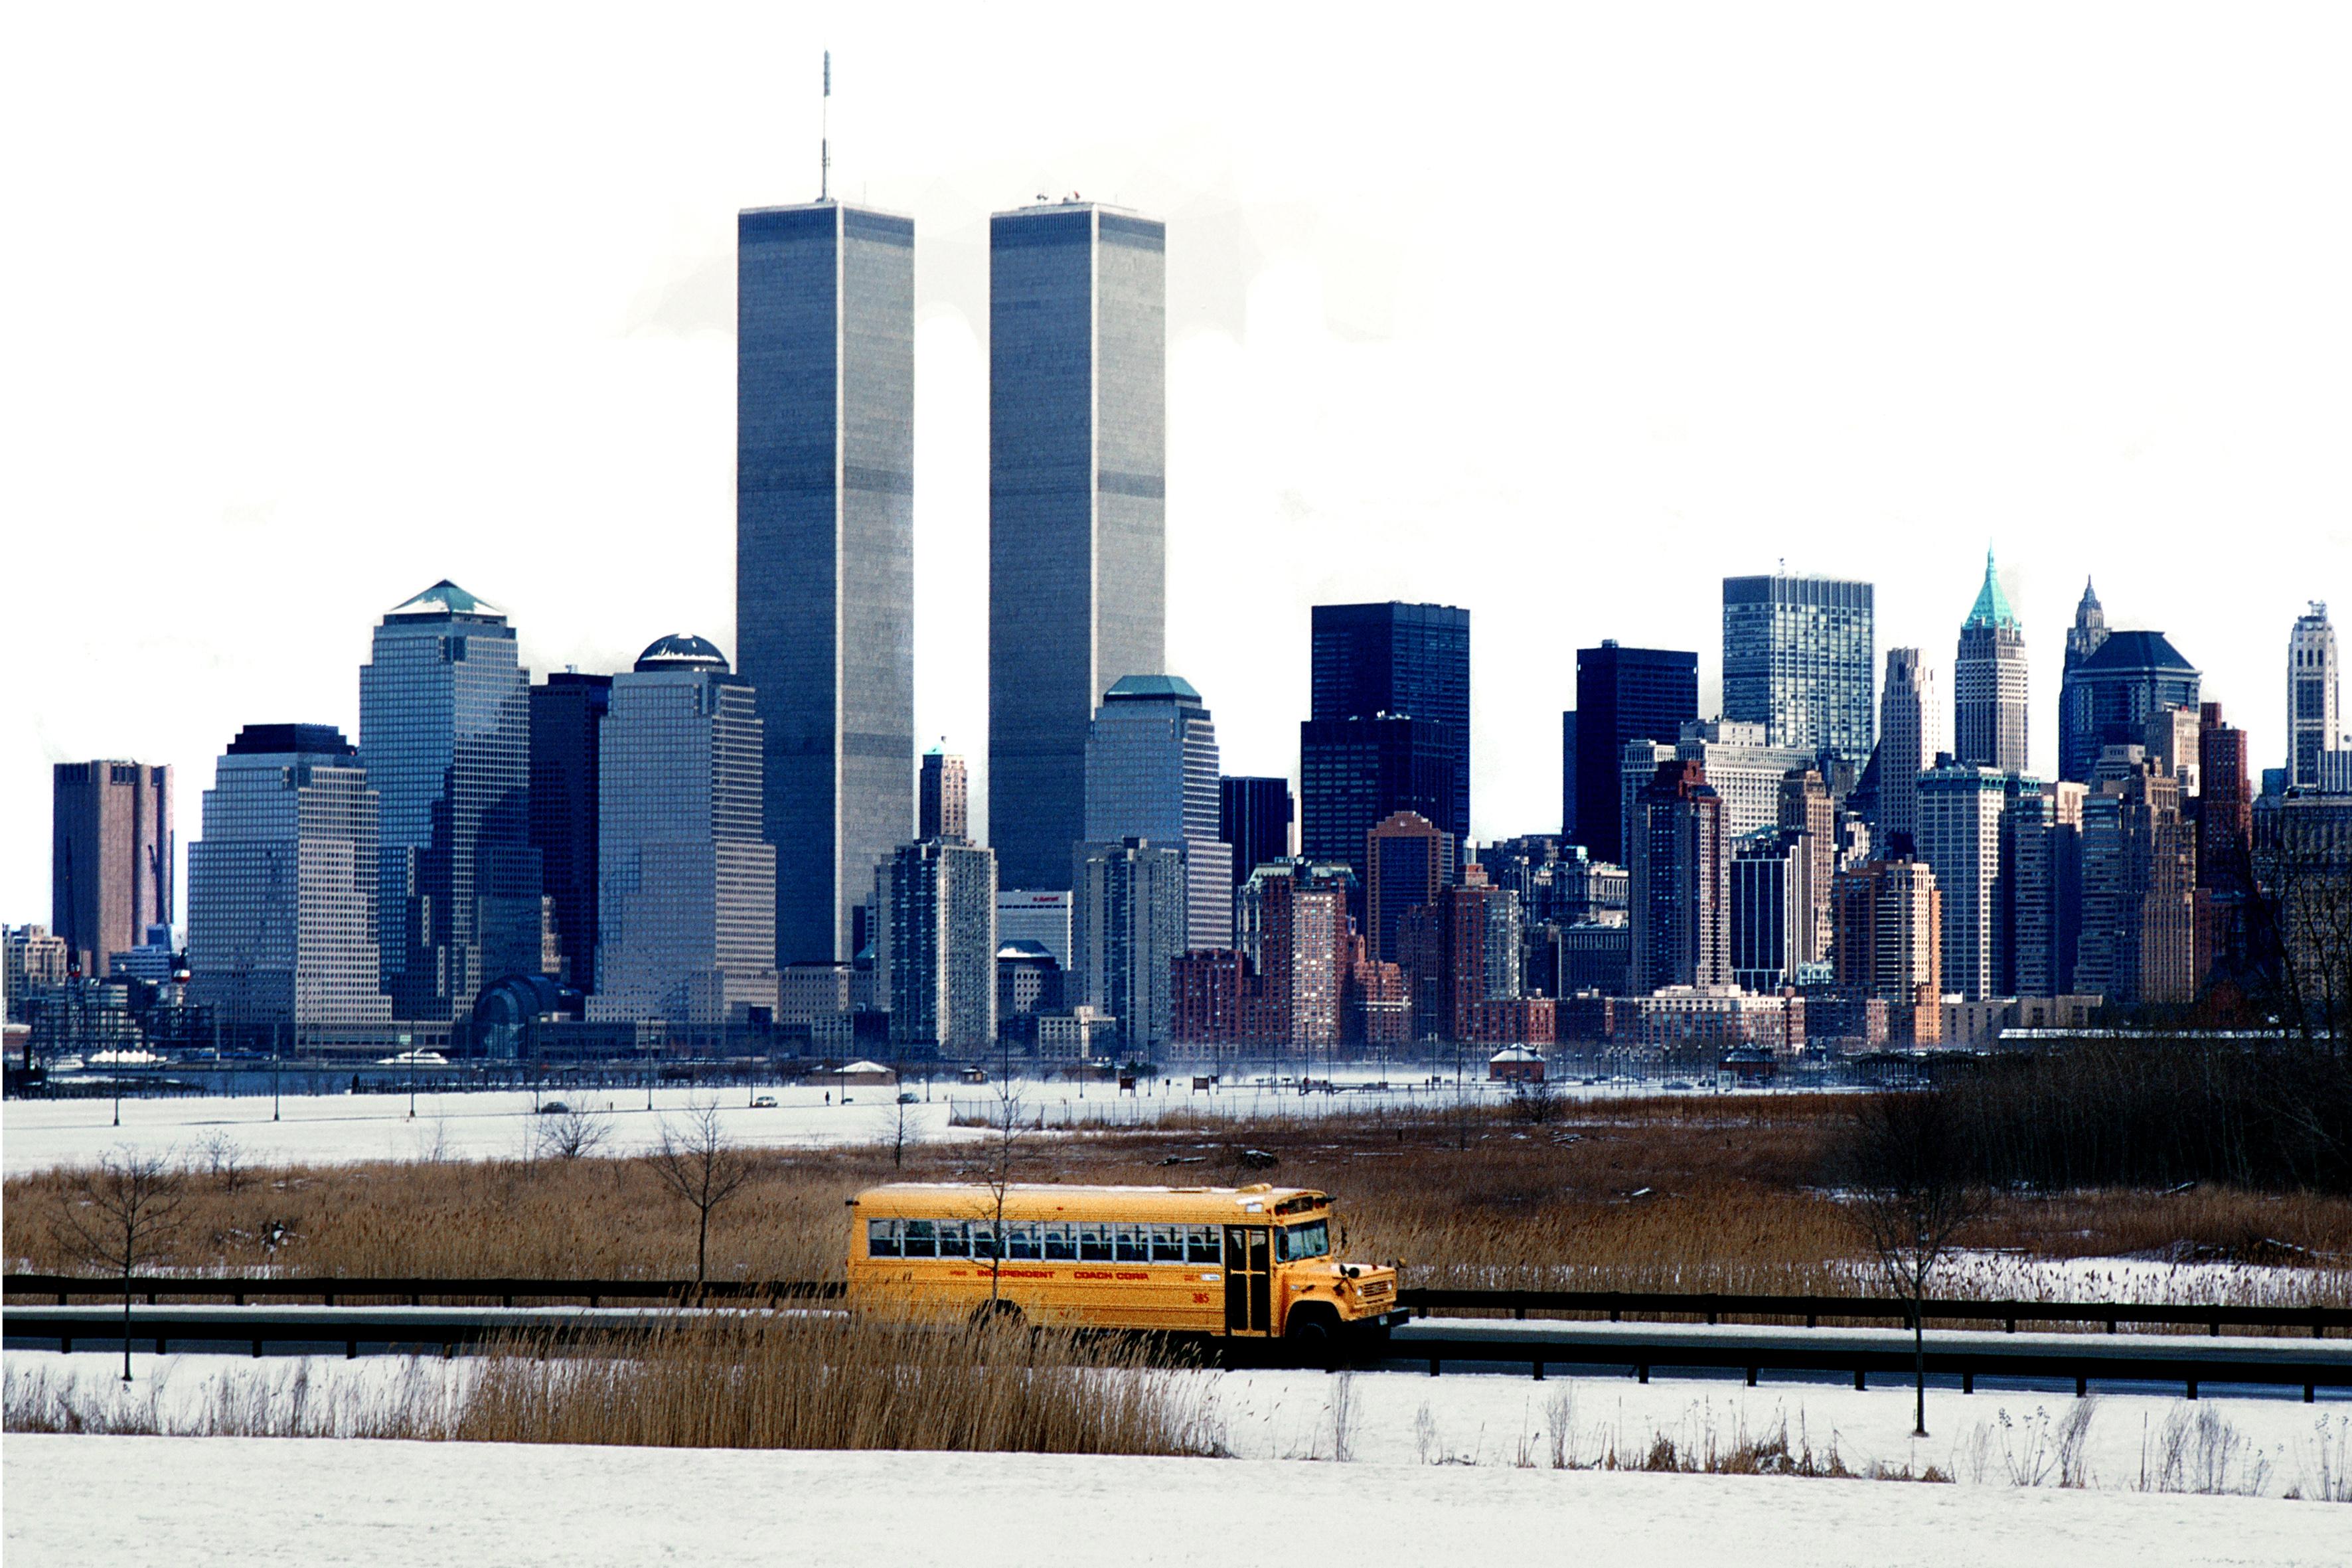 NYC+Snow-05-2-20X30